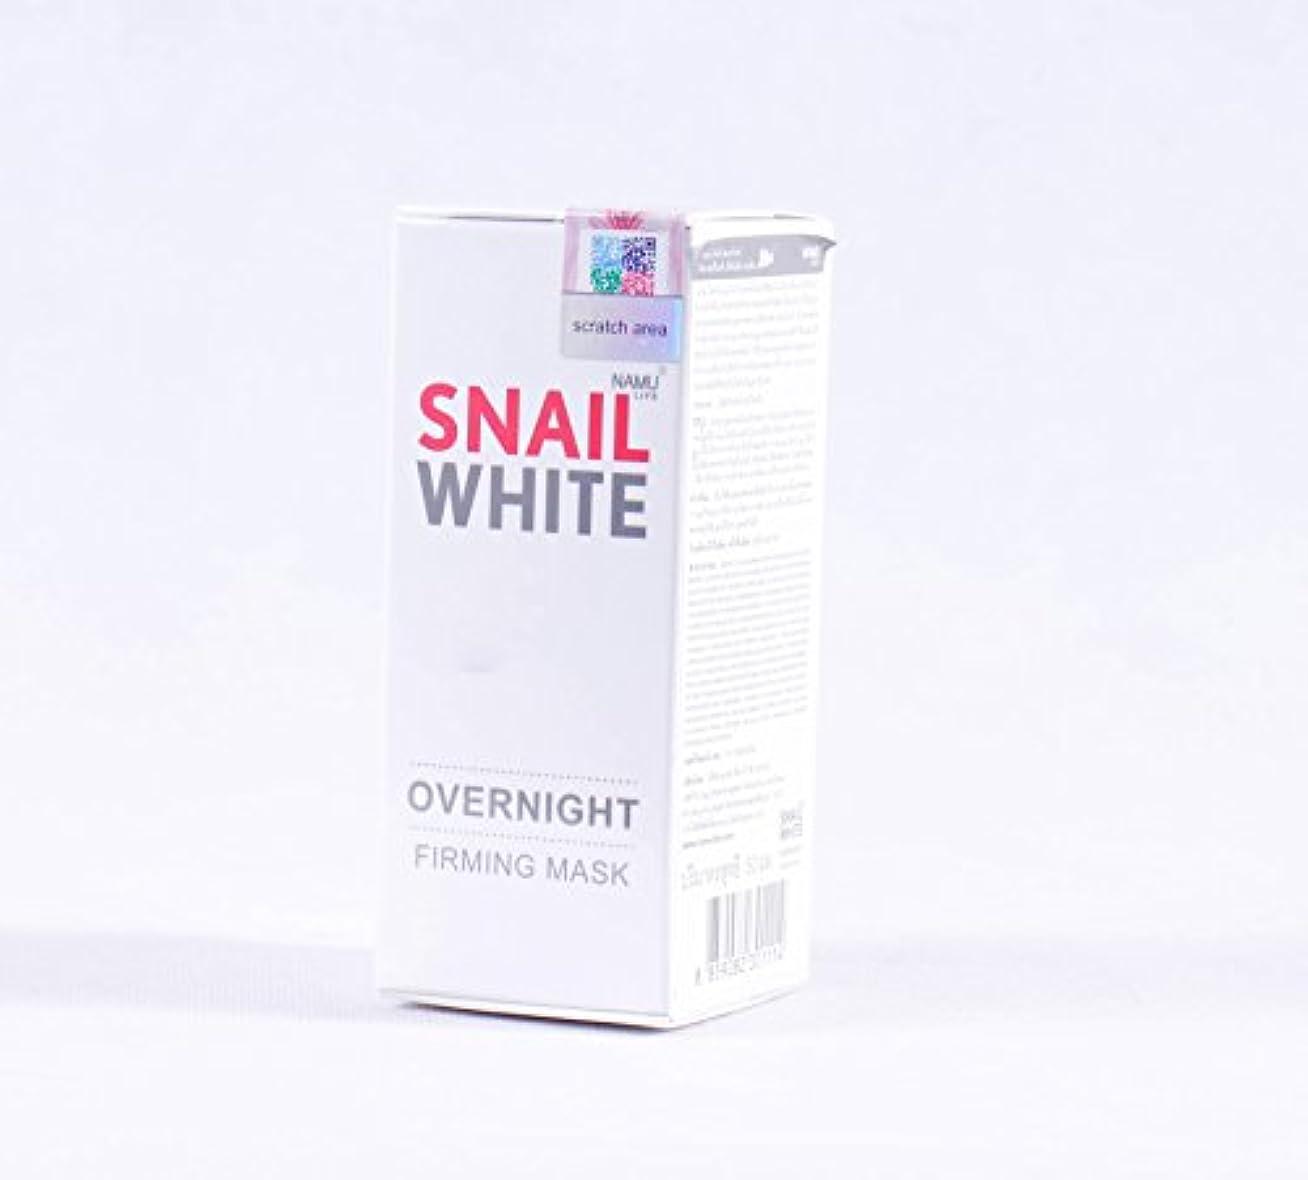 仲間、同僚必要ない不正オーバーナイトファーミングマスク50 ml。 ホワイトニング NAMU LIFE SNAILWHITE OVERNIGHT FIRMING MASK 50 ml.